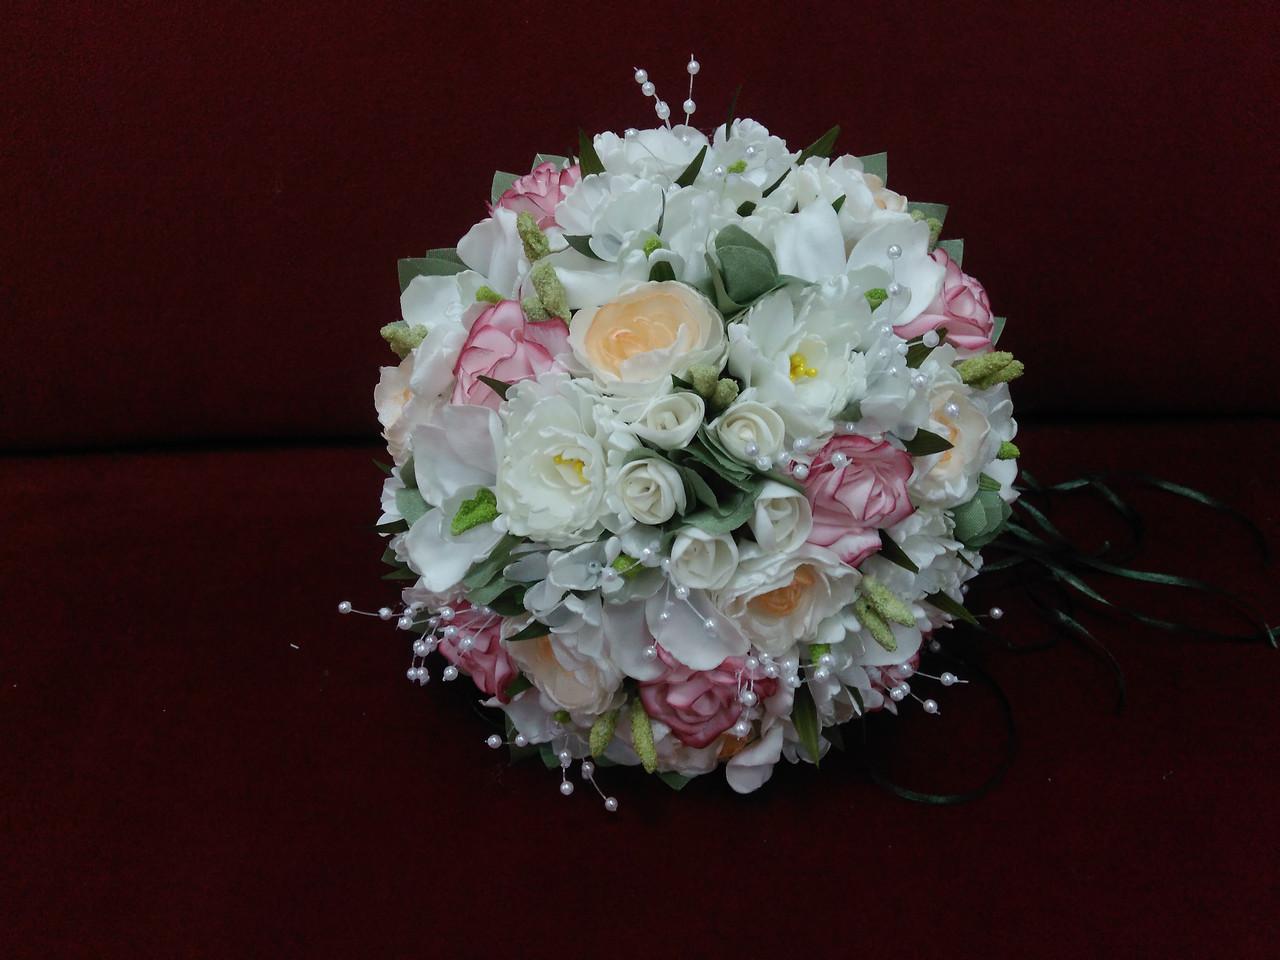 Свадебный букет-дублер из орхидей, роз и пионов в молочно-розовых тонах